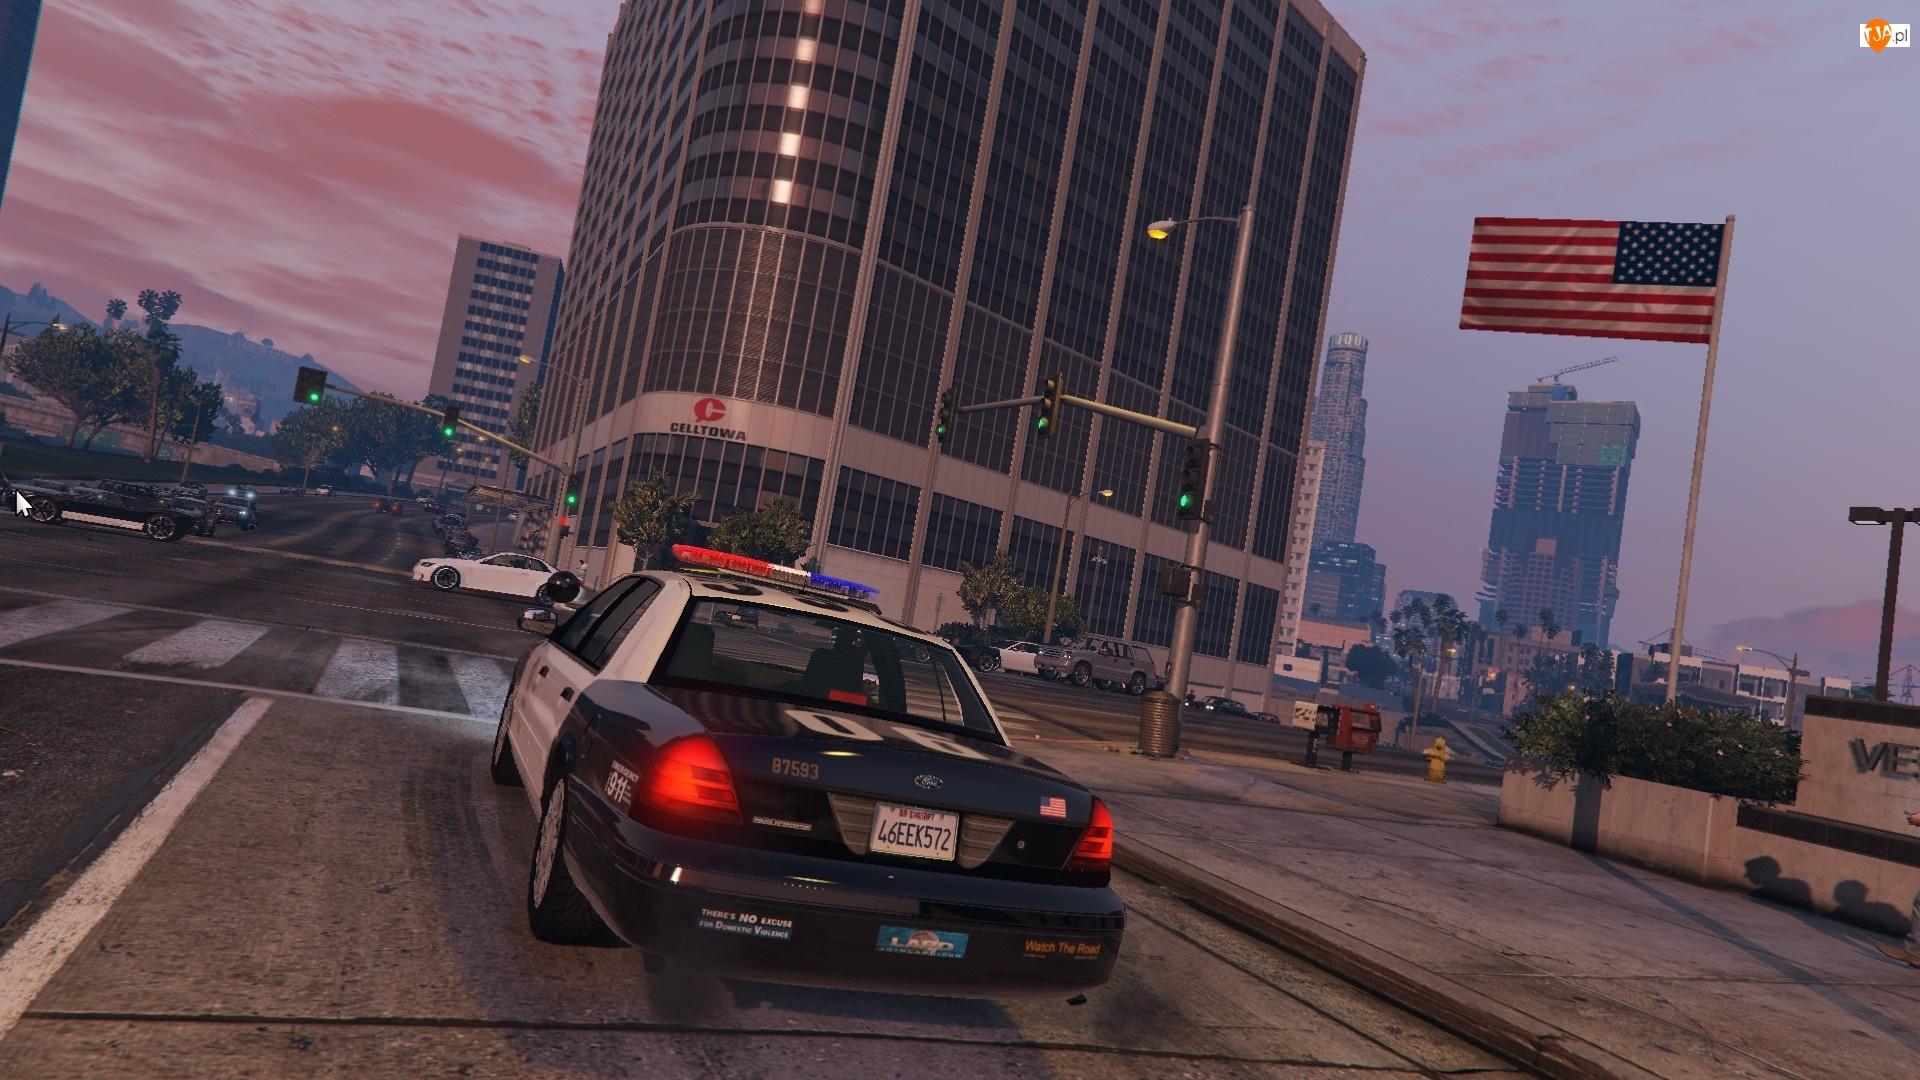 Gra, Skrzyżowanie, GTA5, Samochód policyjny